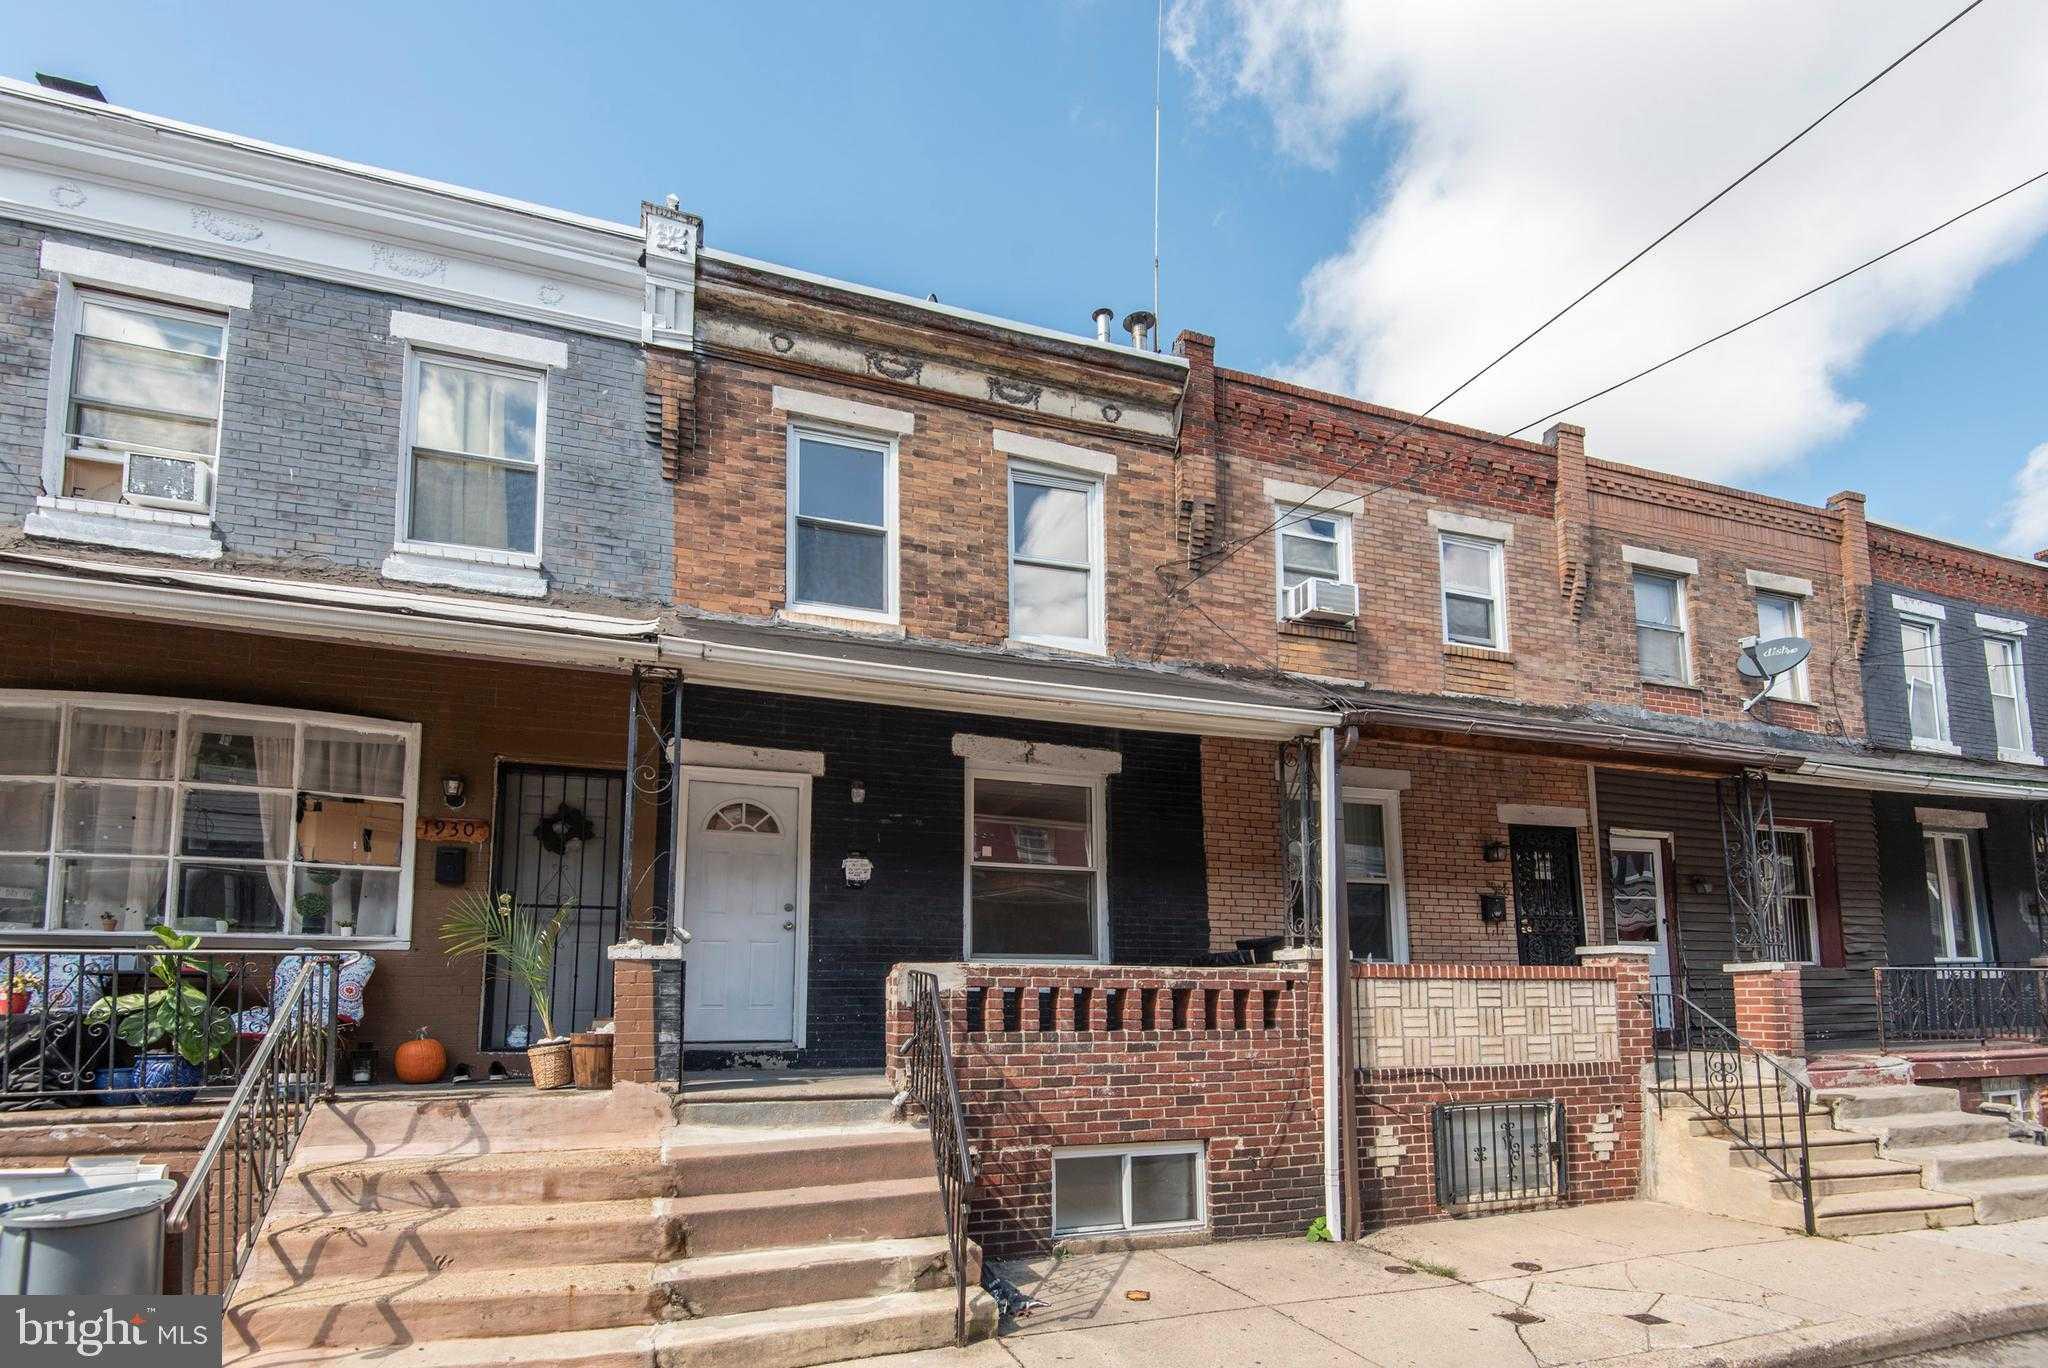 $189,900 - 3Br/2Ba -  for Sale in Phila (south), Philadelphia